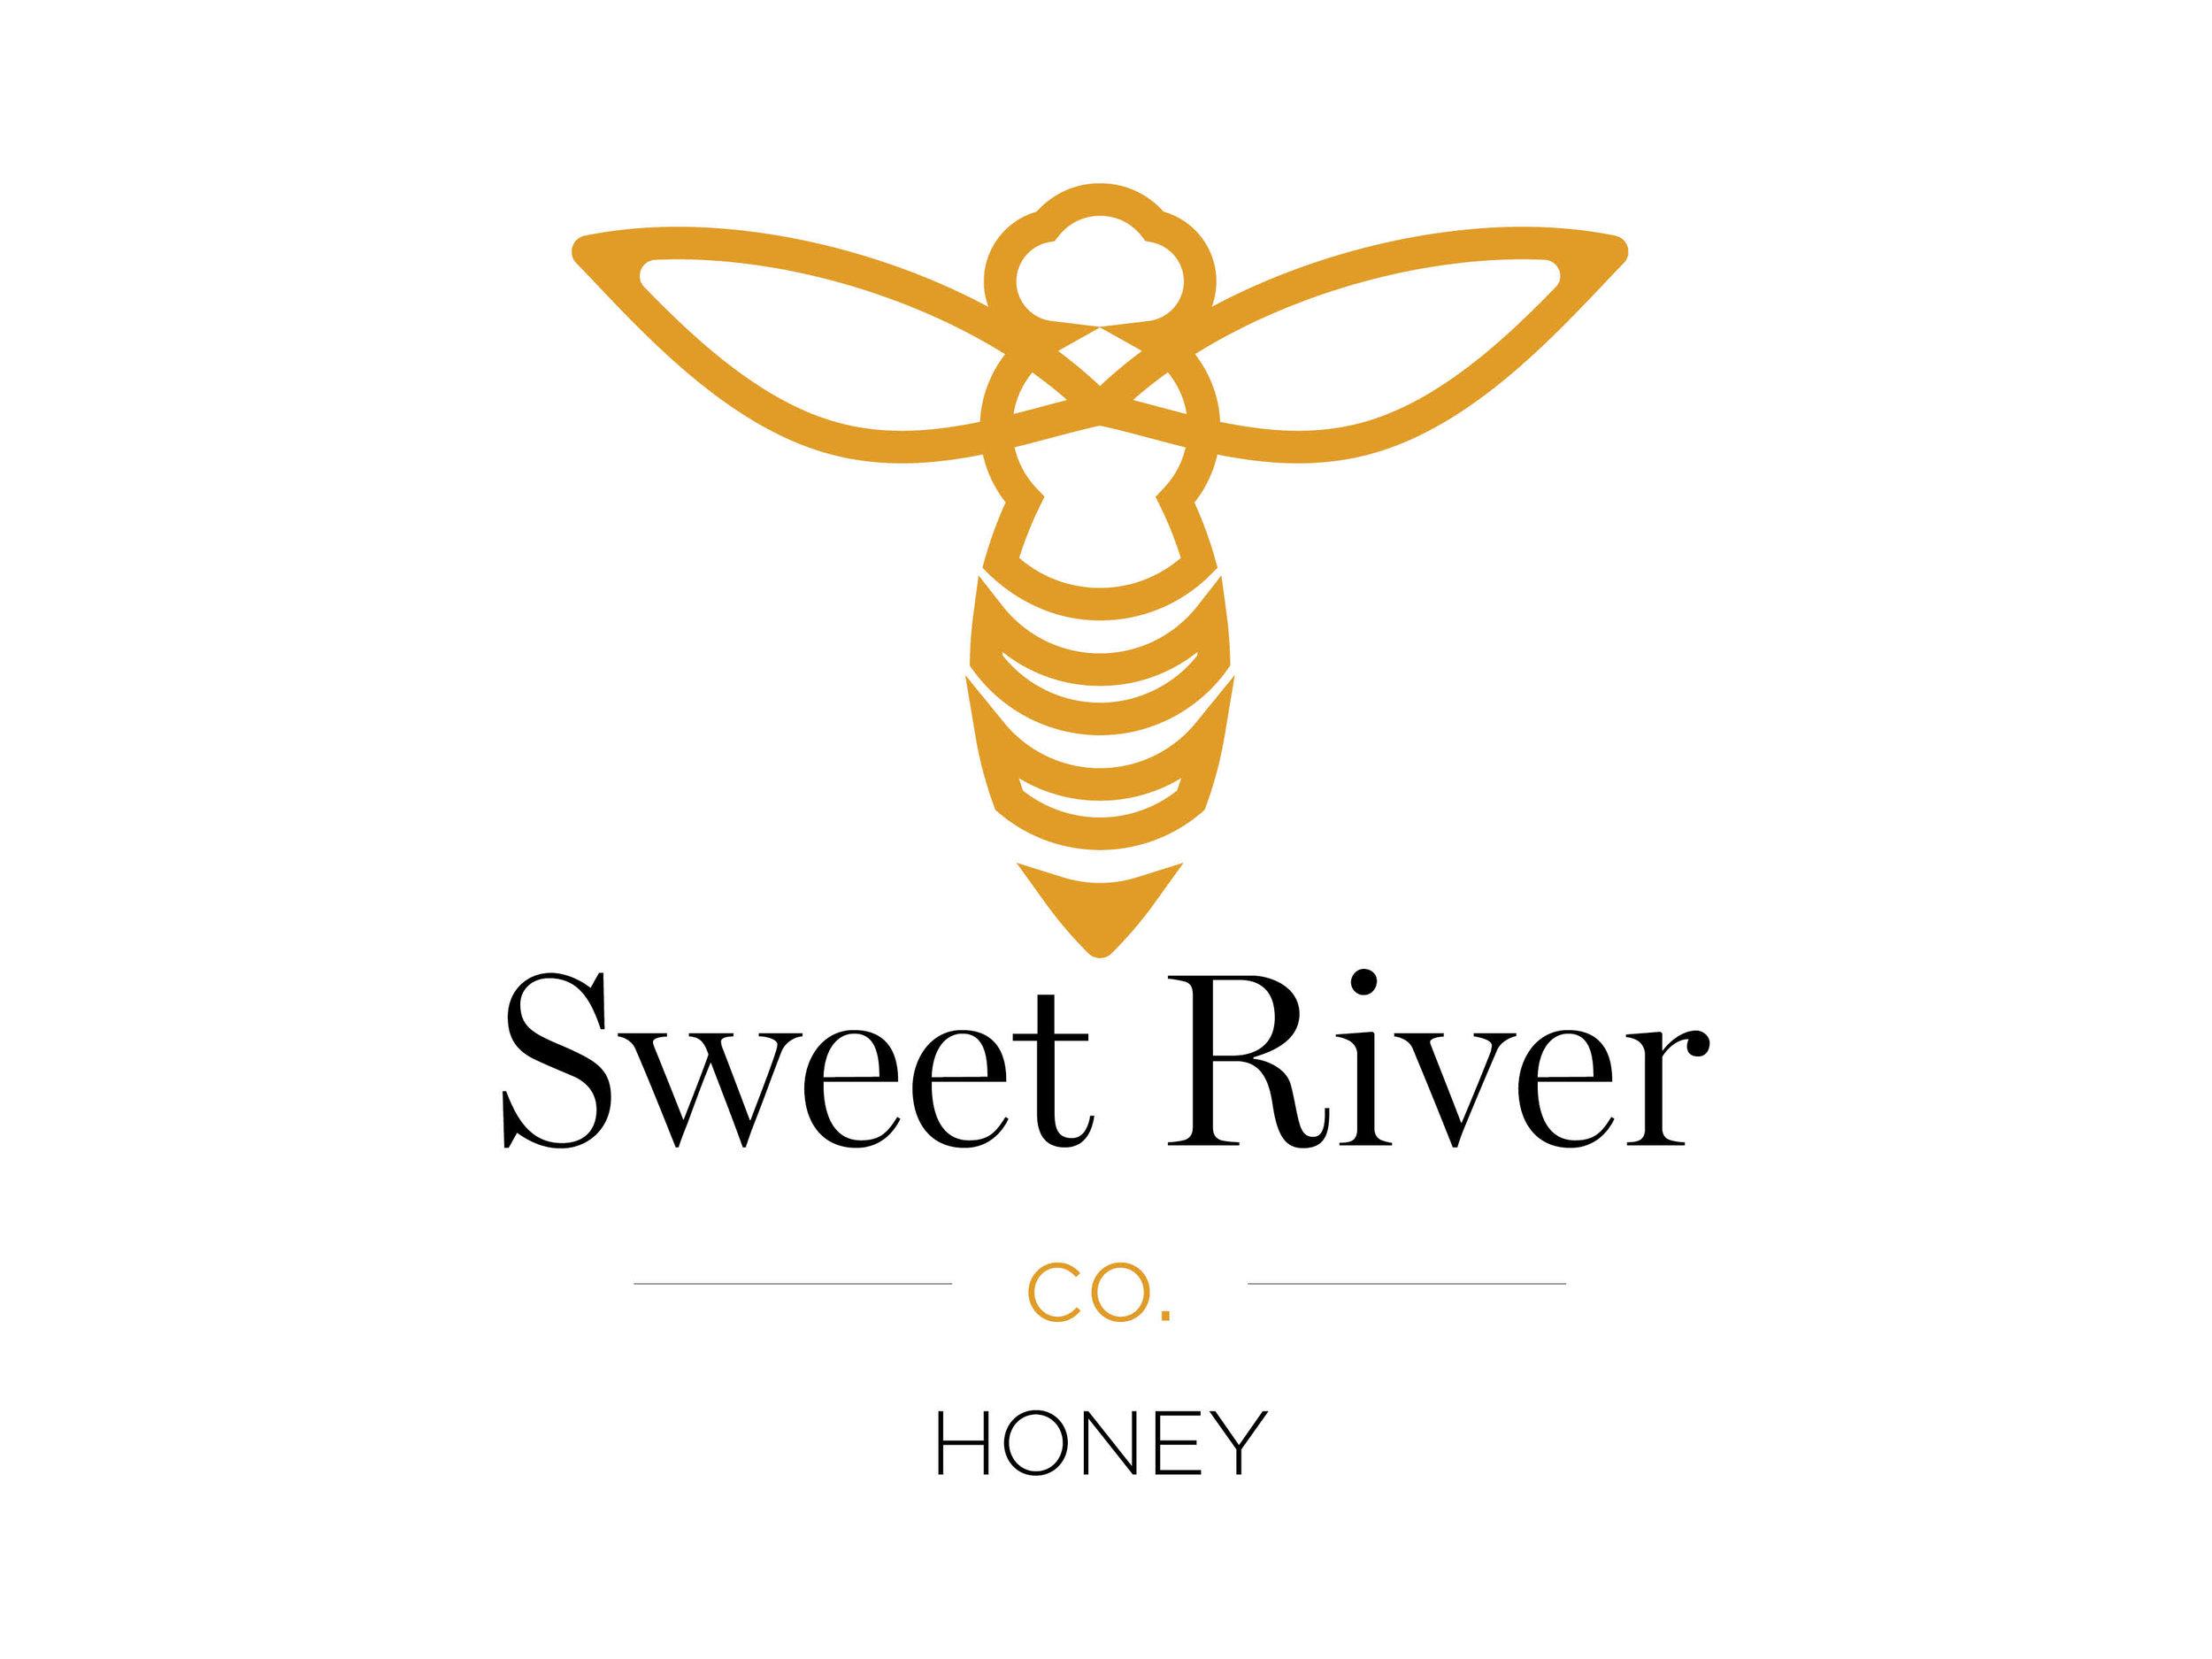 Sweet River Honey Co.